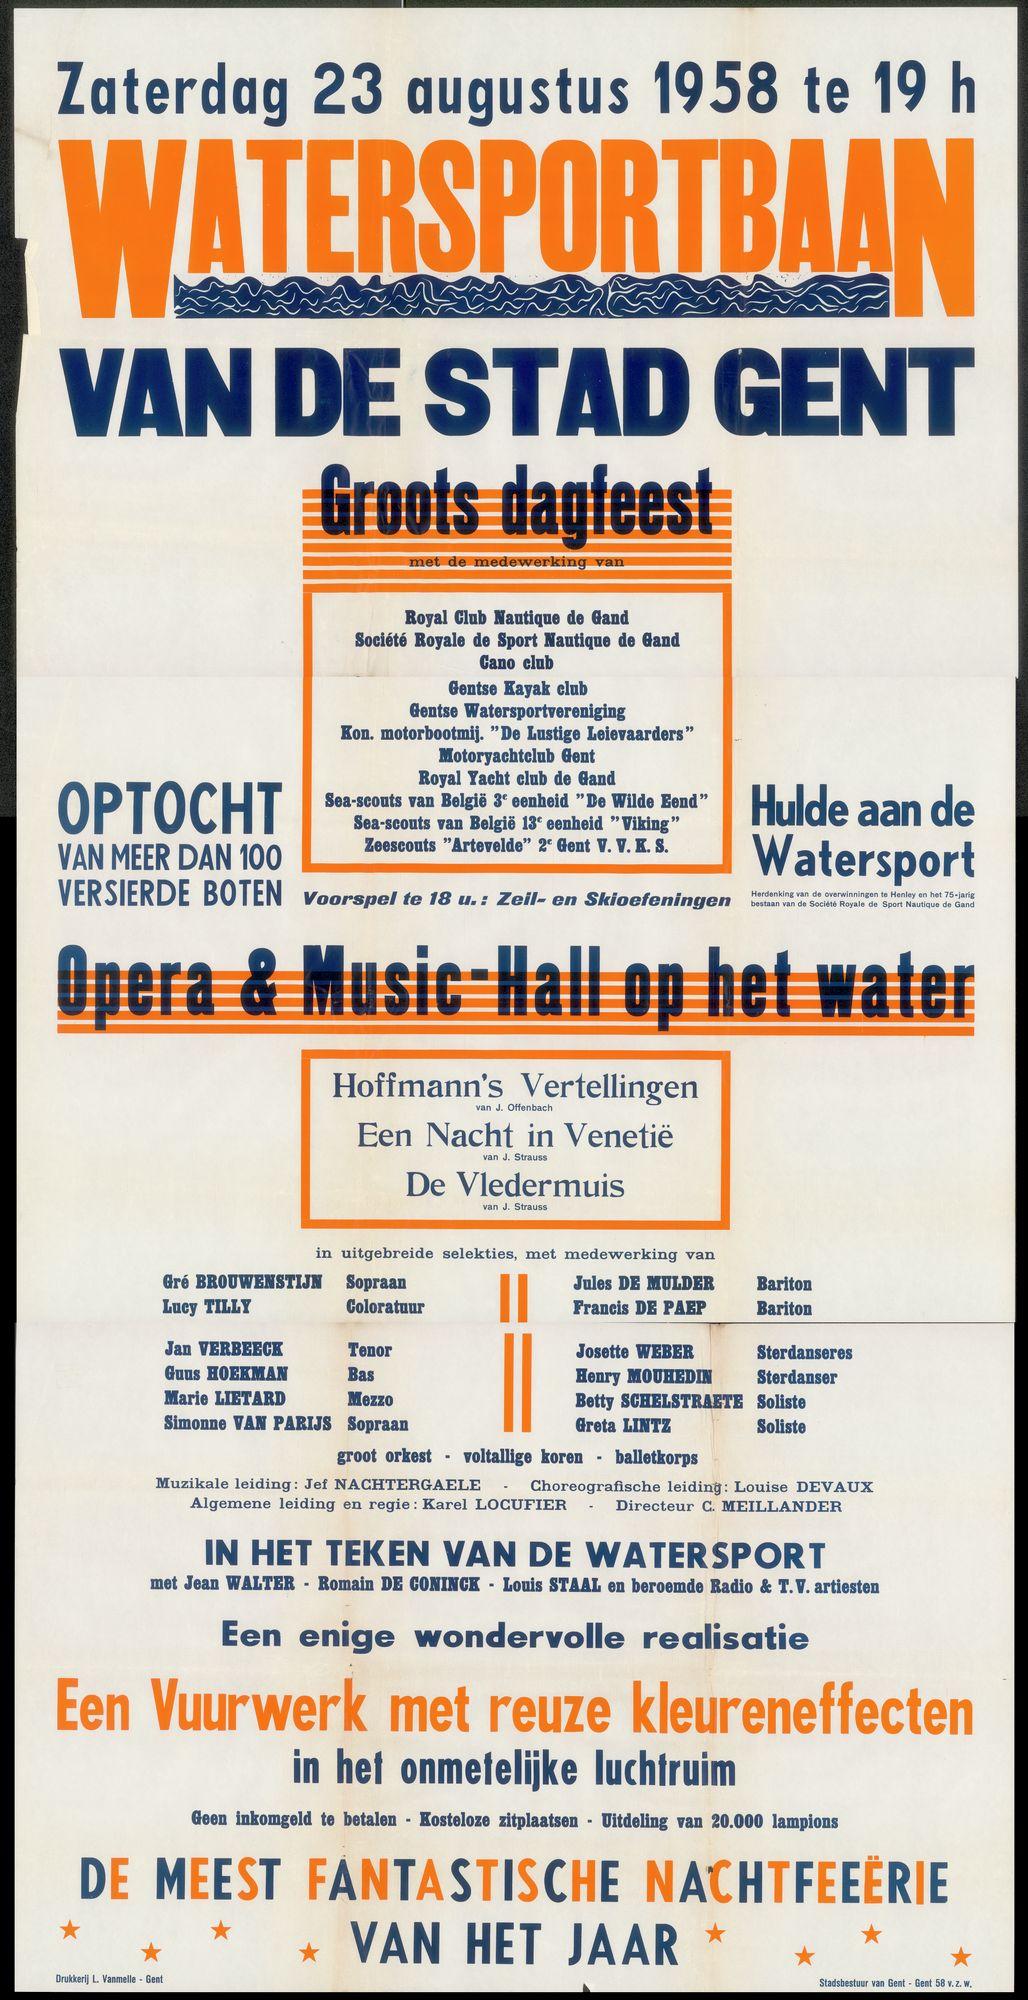 Watersportbaan van de stad Gent, Groots dagfeest, Opera & Music-hall op het water, Een vuurwerk met reuze kleureffecten, De meest fantastische nachtfeeërie van het jaar,  23 augustus 1958